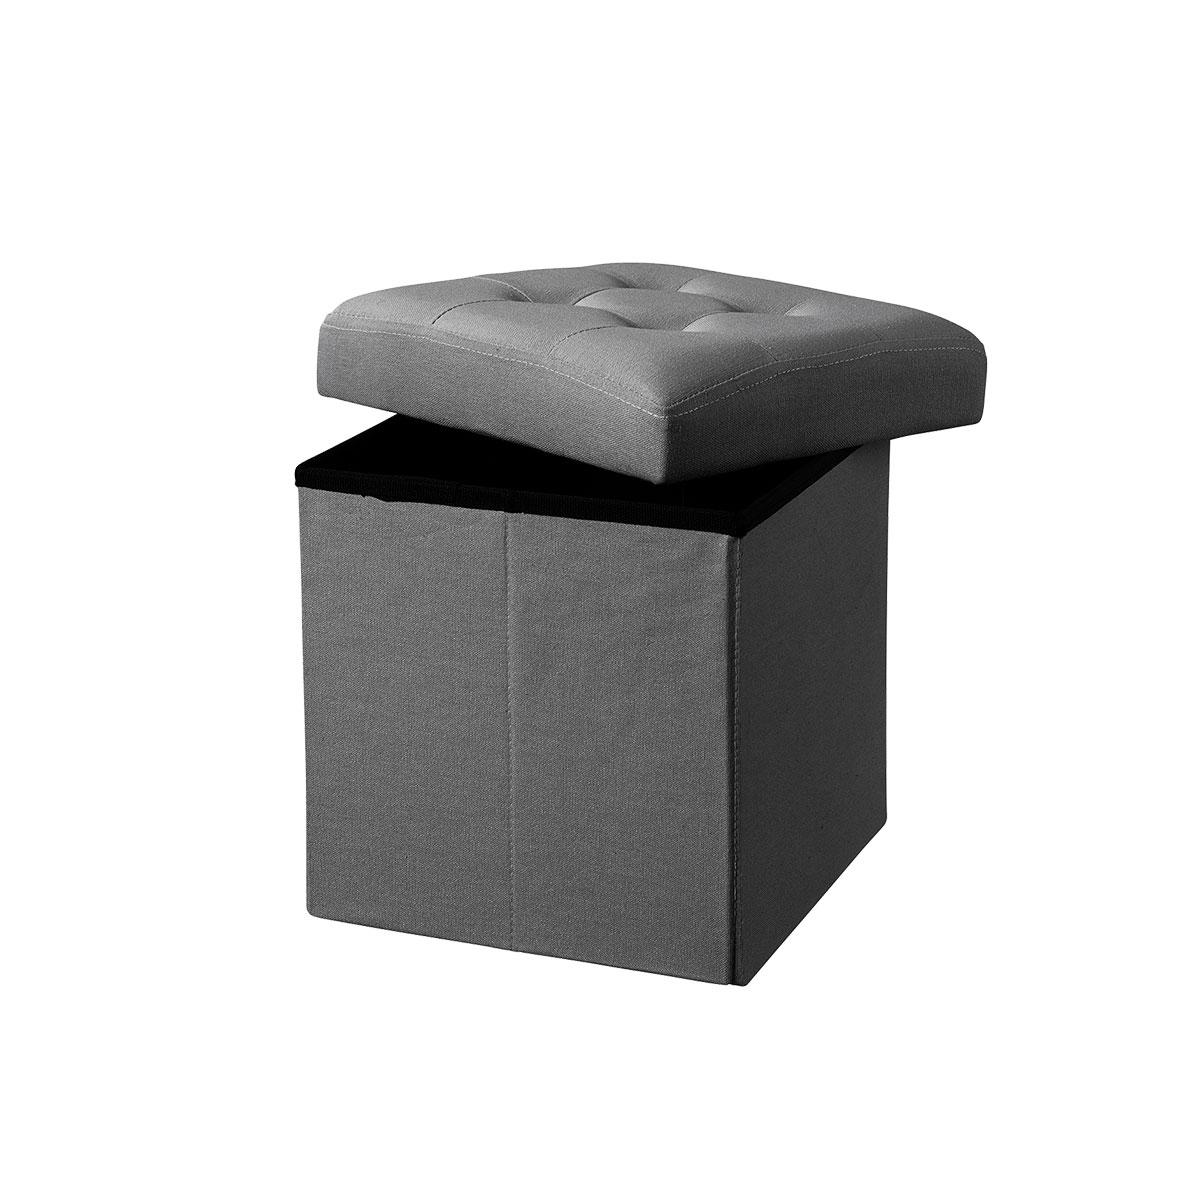 Billede af Kids Concept puf med opbevaring - Mørkegrå